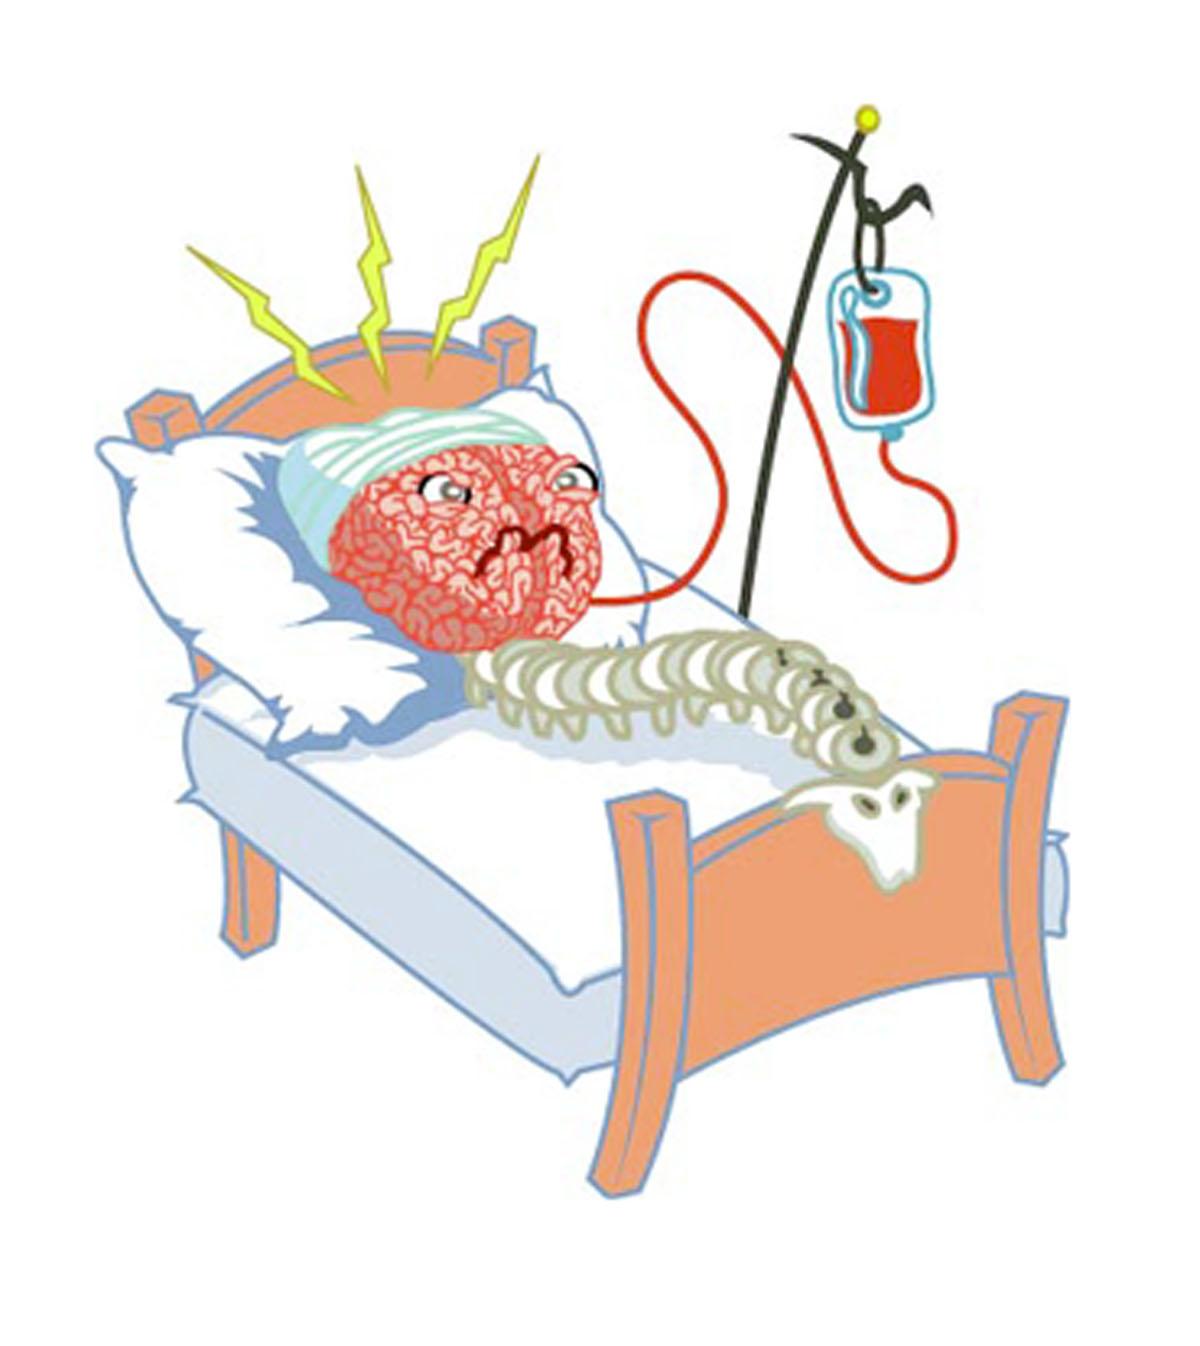 http://4.bp.blogspot.com/_DZC_a7ZIJJE/TCPOkzILzTI/AAAAAAAAAFg/uocXygq7K6M/s1600/Hurting+Brain.jpg#hurting%20brain%20